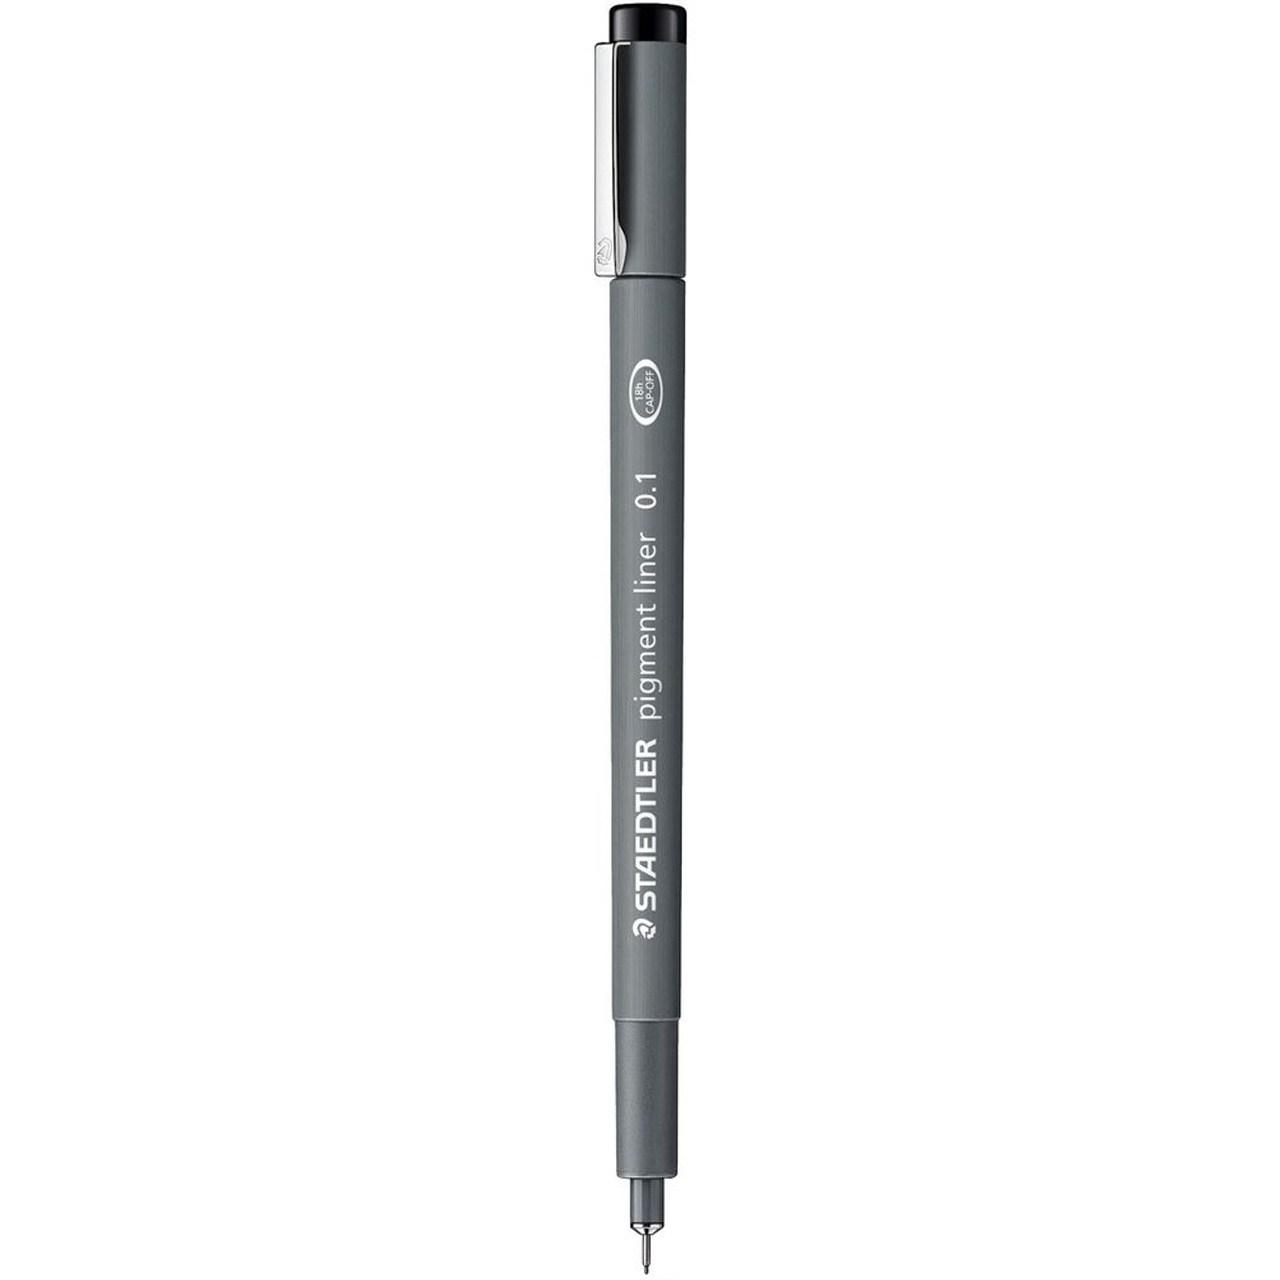 راپید استدلر مدل 308 Pigment Liner با قطر نوشتاری 0.1 میلی متر